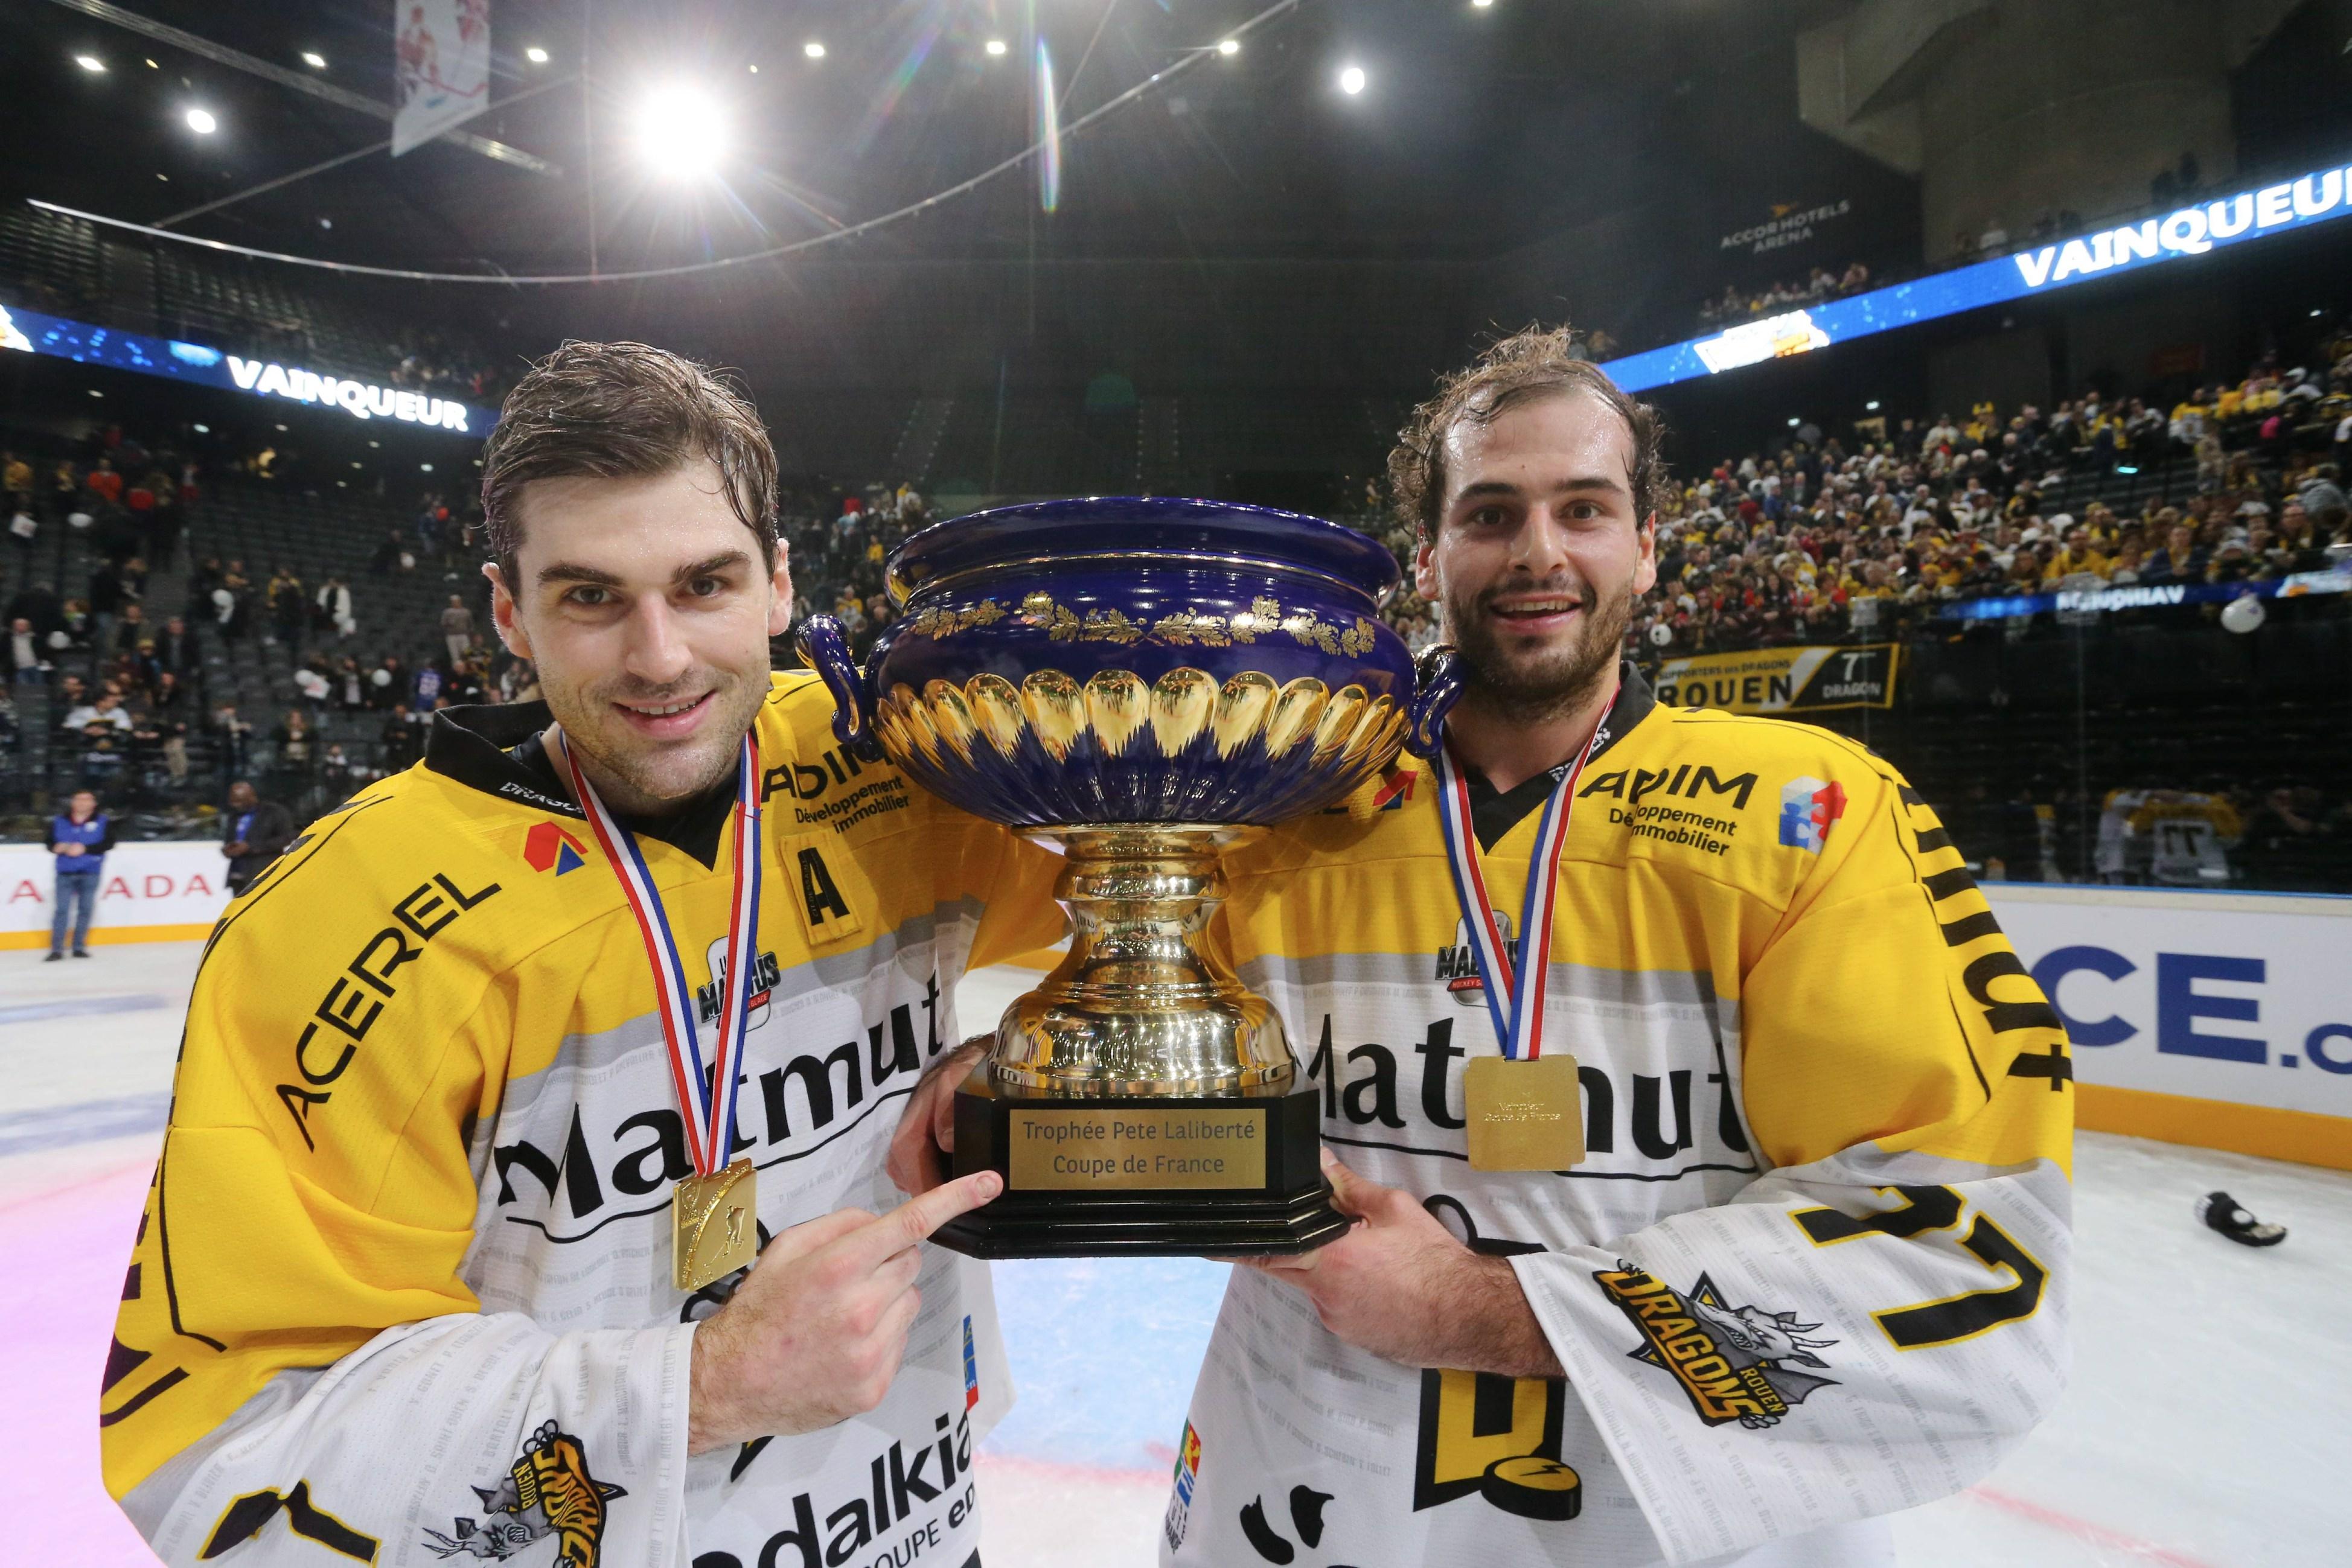 Les rouennais décrochent pour la sixième fois le trophée (crédit photo : Xavier Lainé)